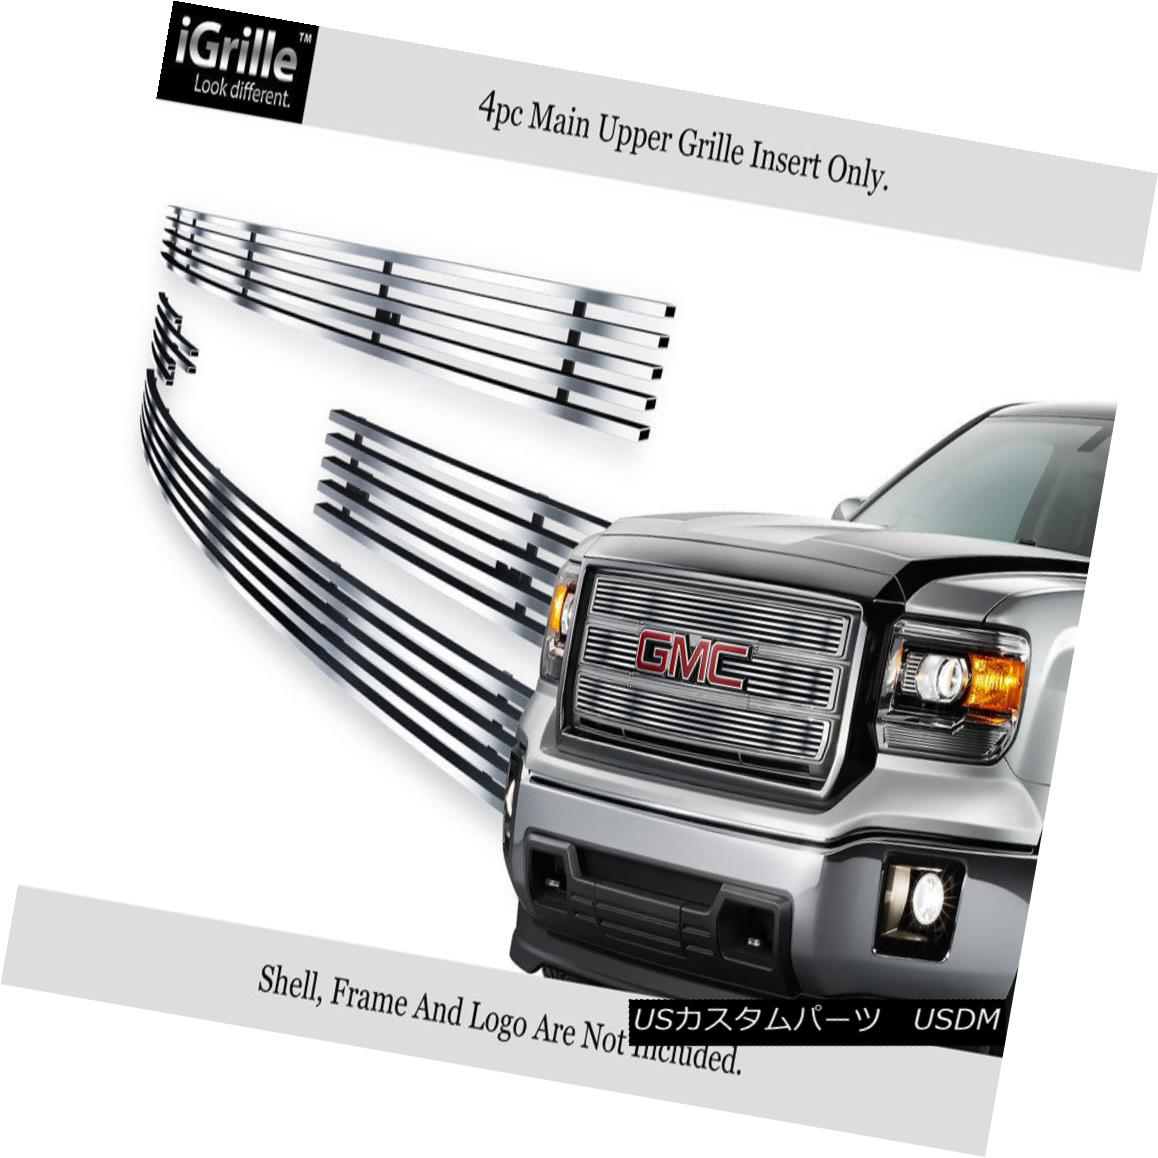 グリル For 2014-2015 GMC Sierra 1500 Reg Model Stainless Steel Billet Grille Insert 2014-2015 GMC Sierra 1500 Regモデルステンレス鋼ビレットグリルインサート